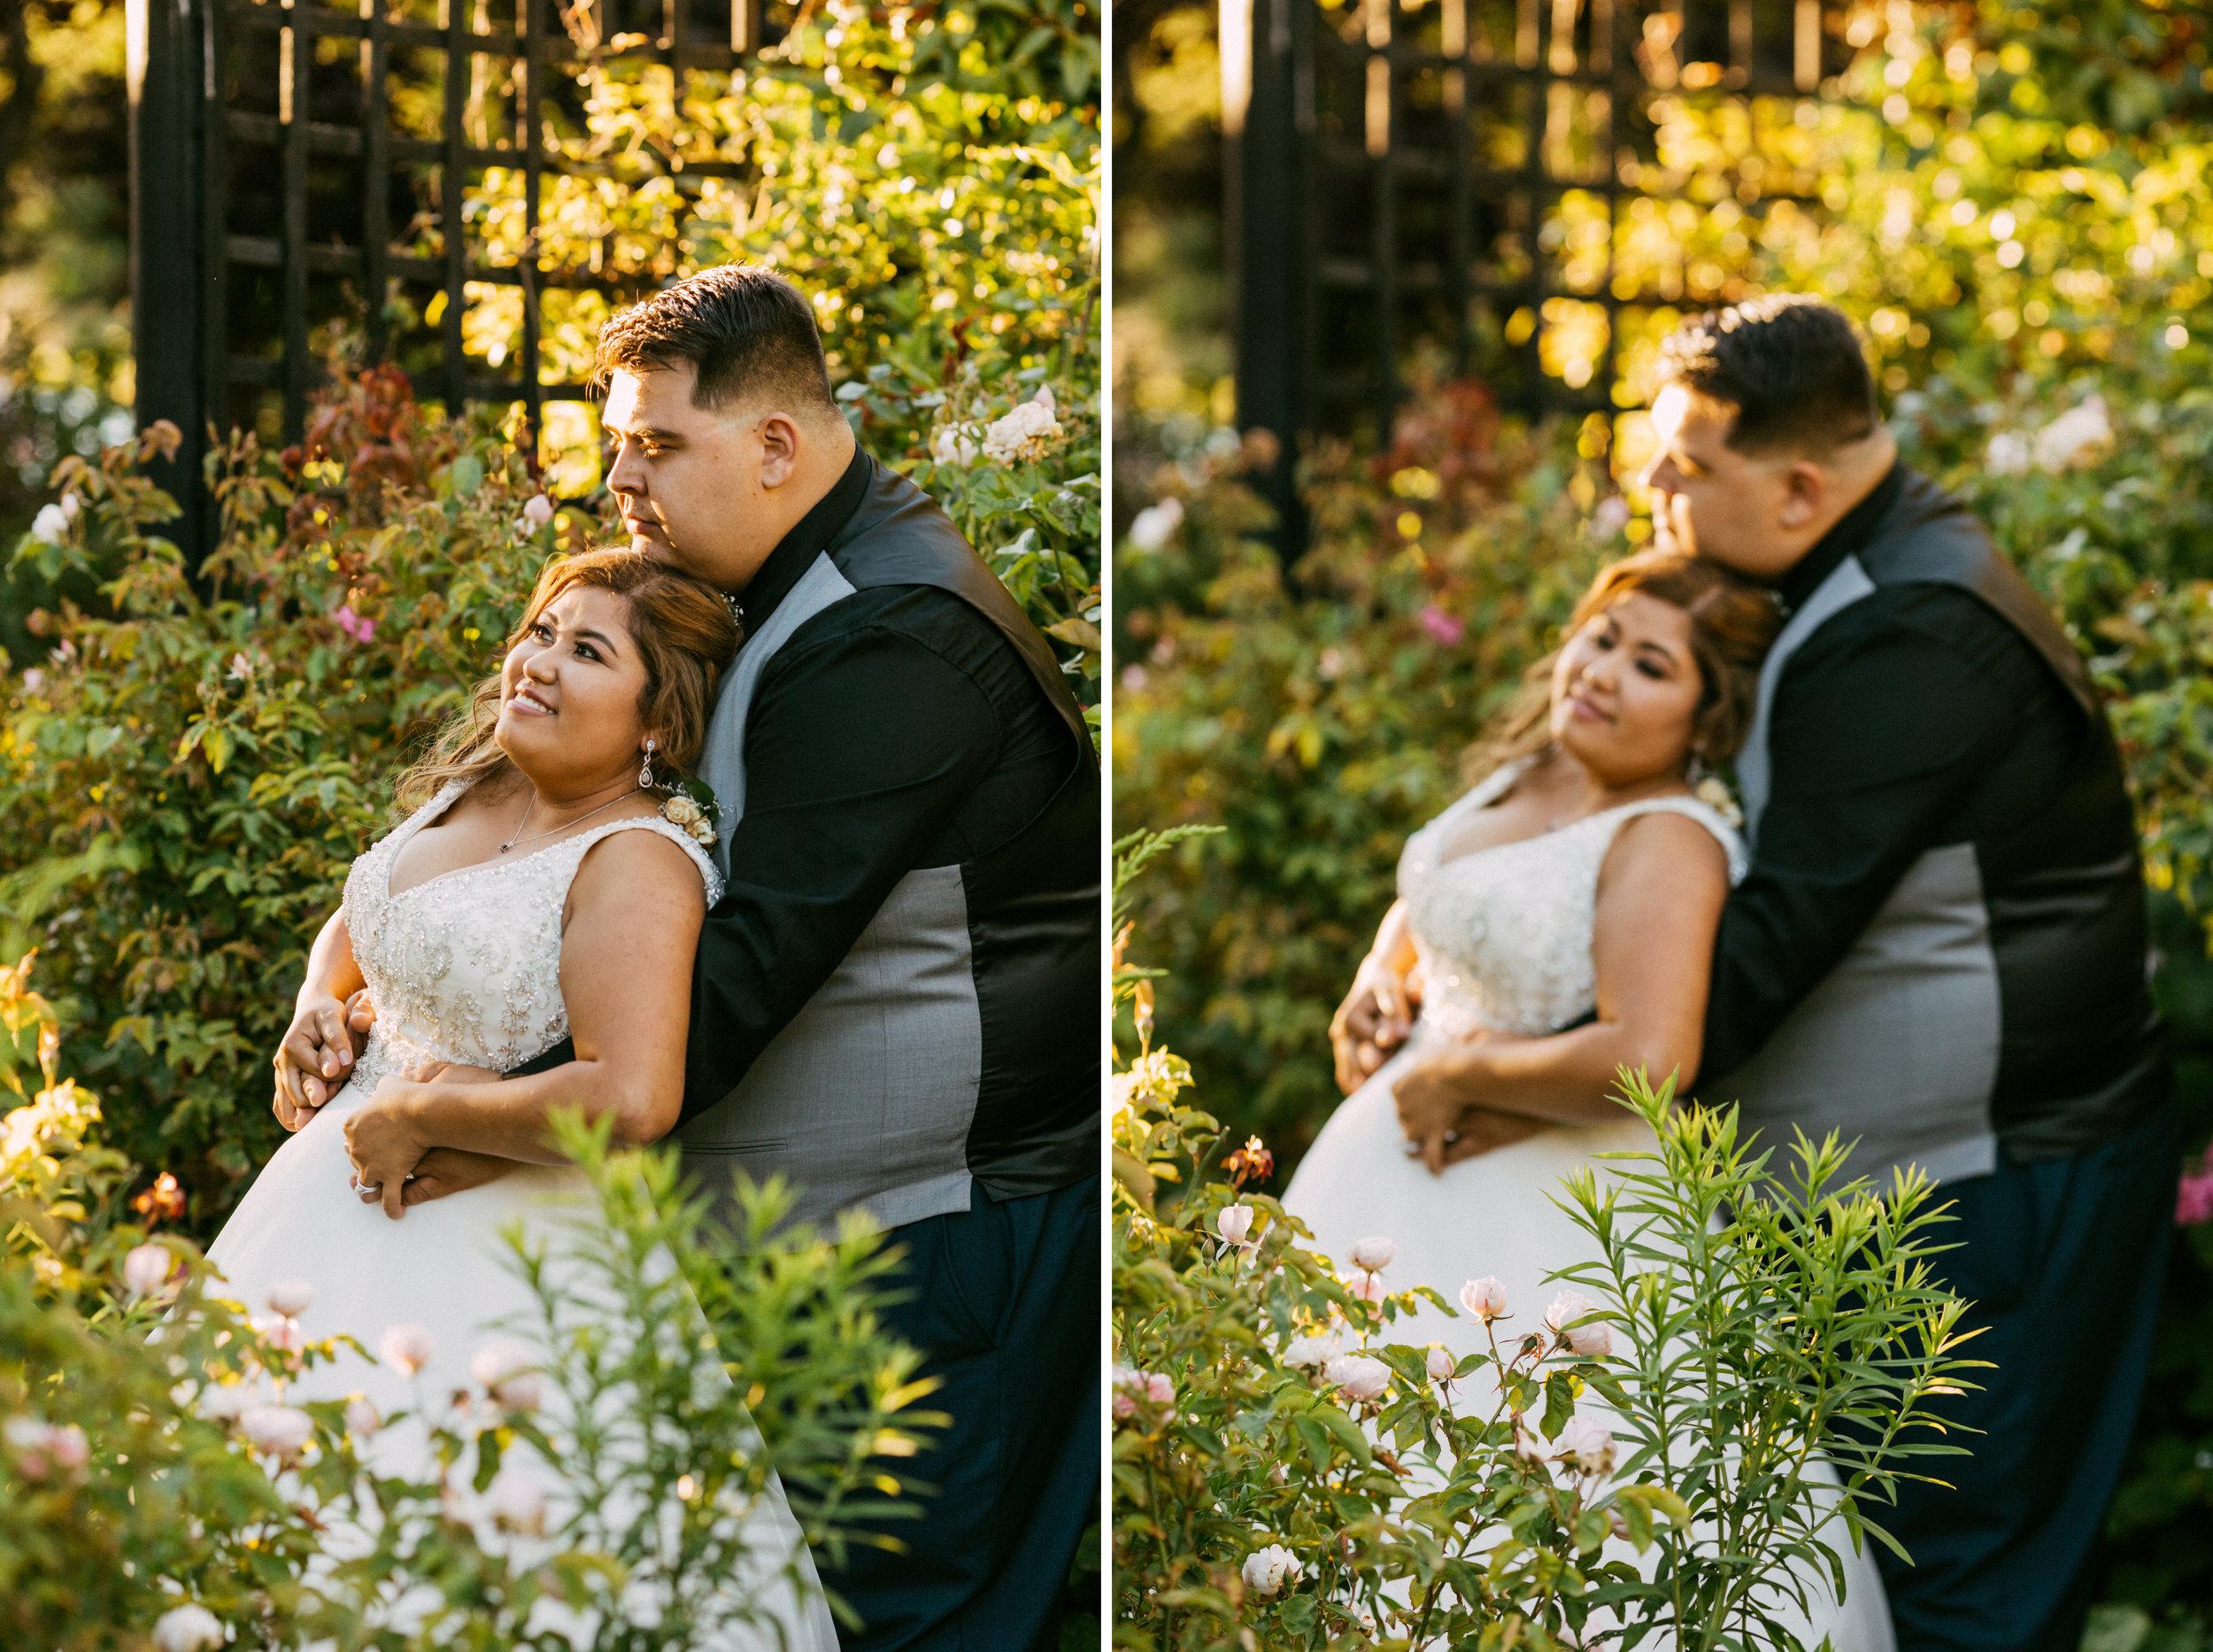 Al Ru Farm Summer Wedding 125.jpg